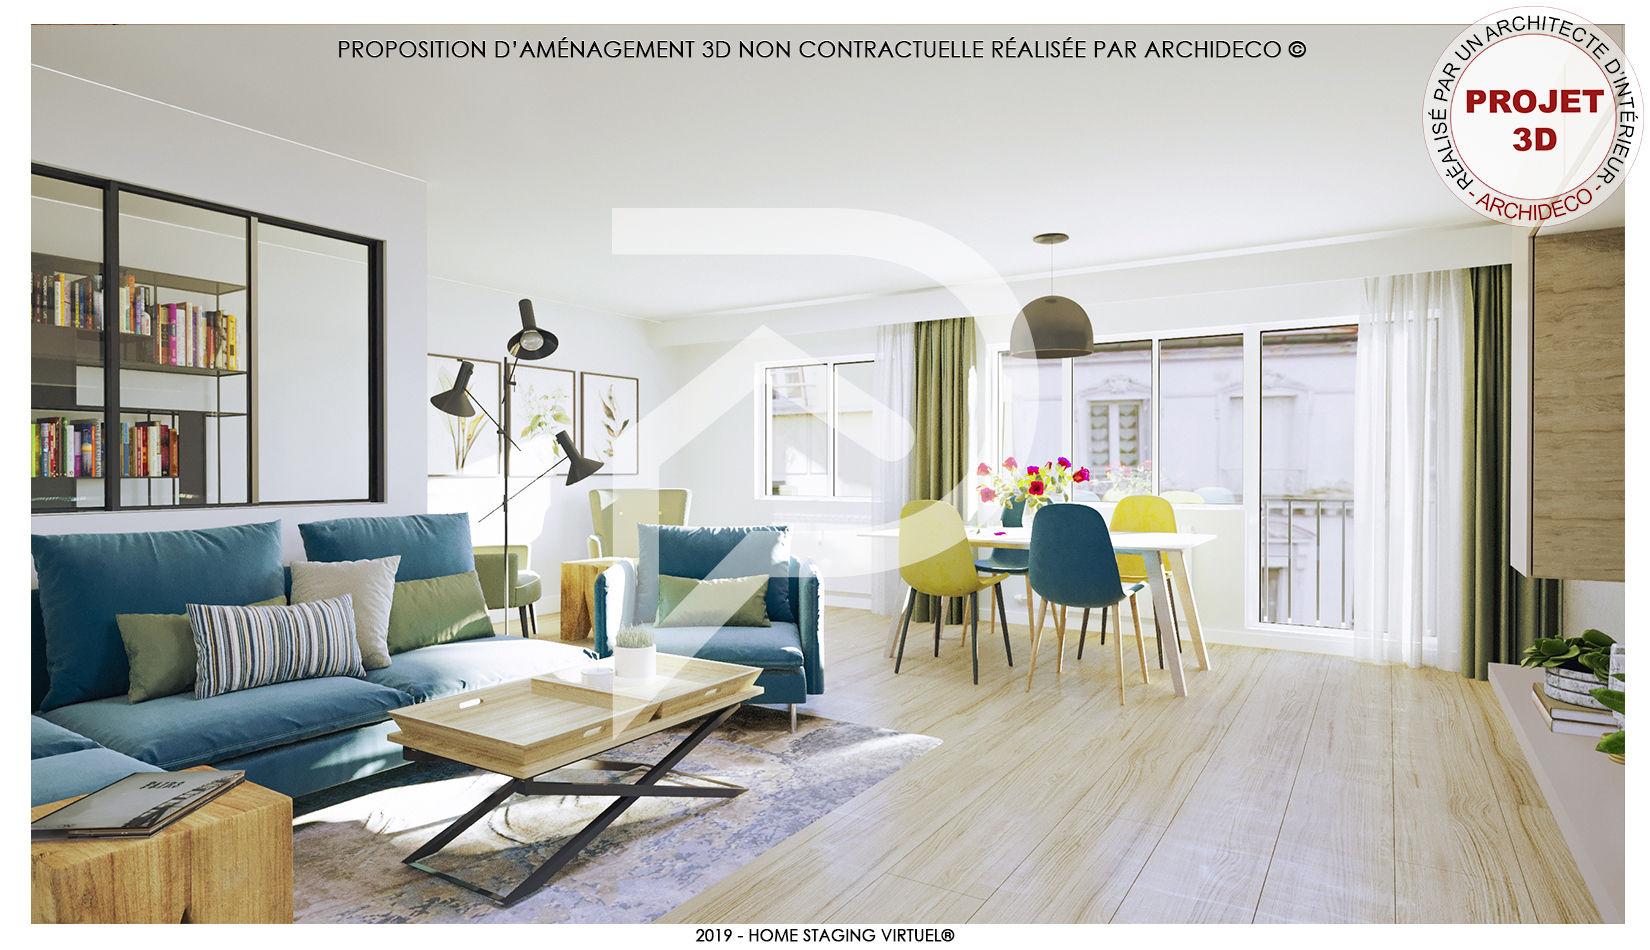 Appartement enghien les bains 4 pièces 70 m2 stéphane plaza immobilier